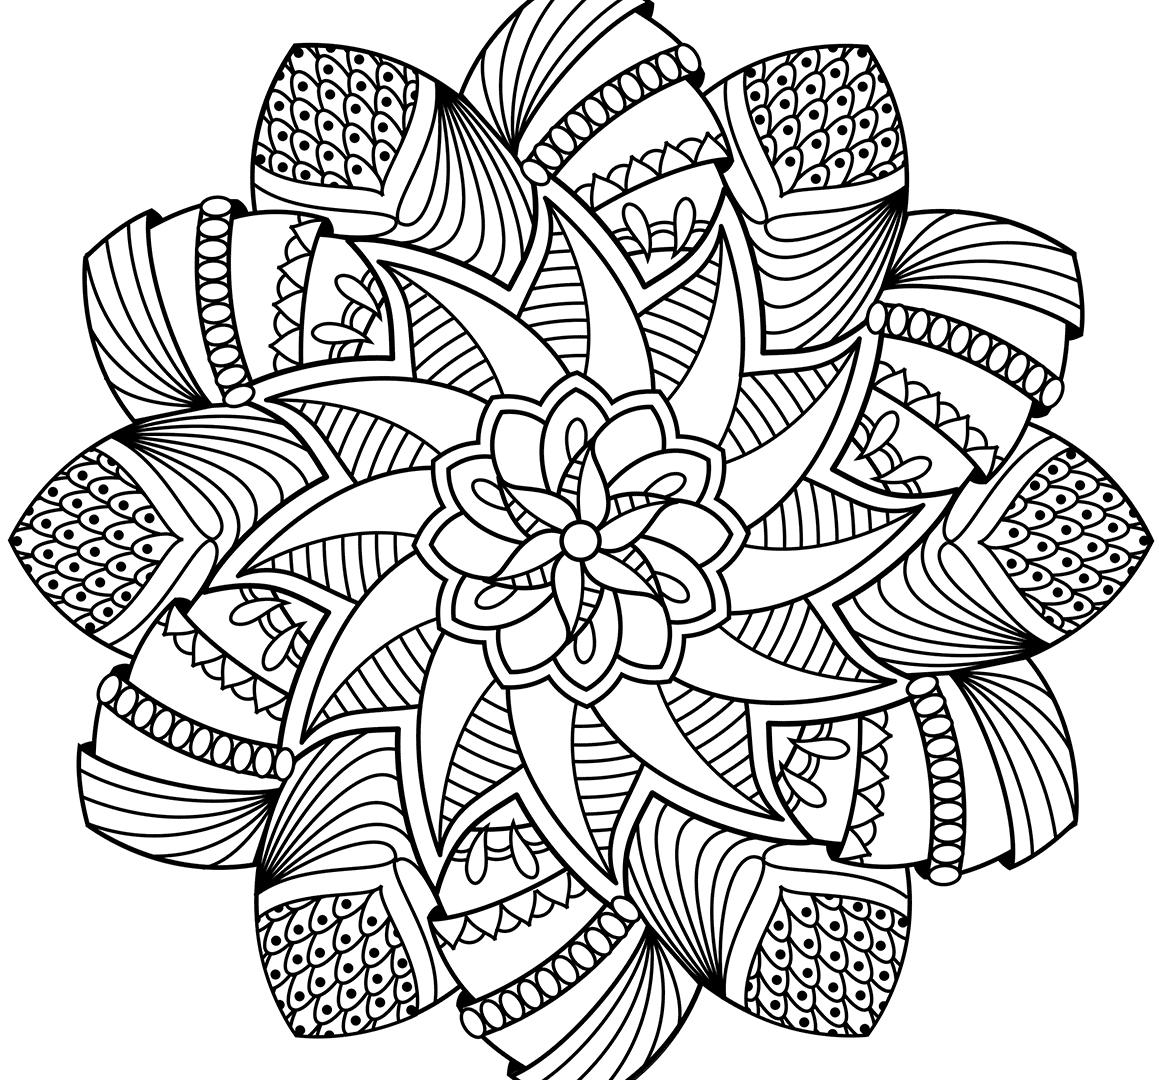 Mandala Coloring Sheets | Coloringnori - Coloring Pages ...